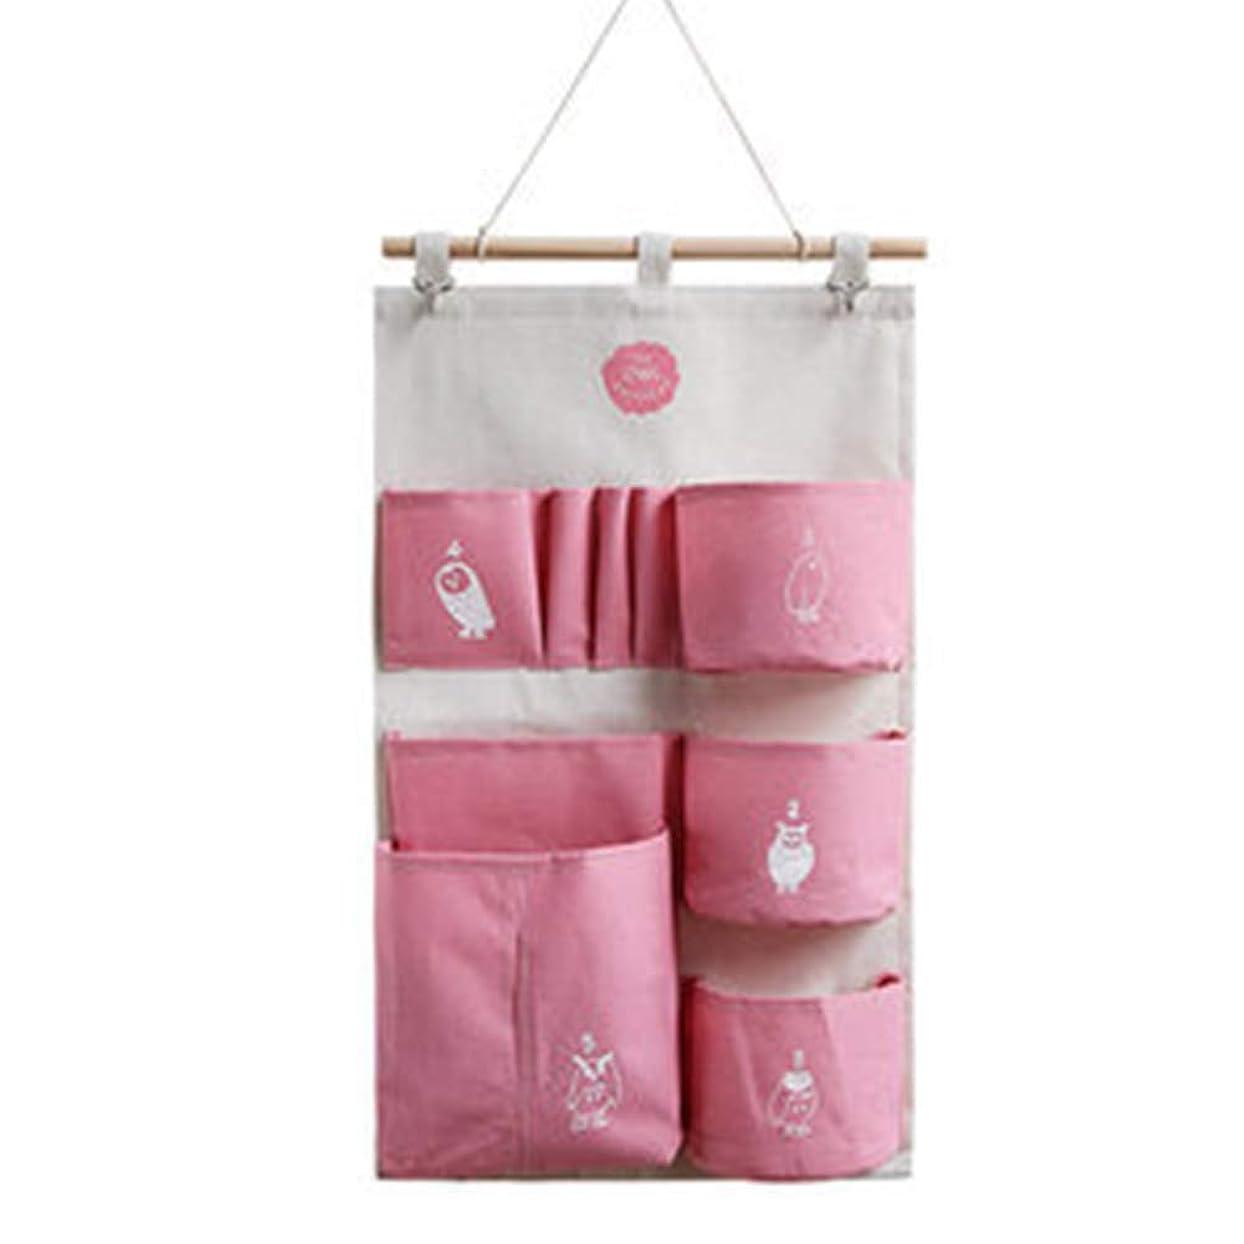 鋭く問い合わせ時系列ZaRoing ウォールポケット壁掛け収納ポケットドア 衣類 タオル 靴下 書籍 小物収納袋